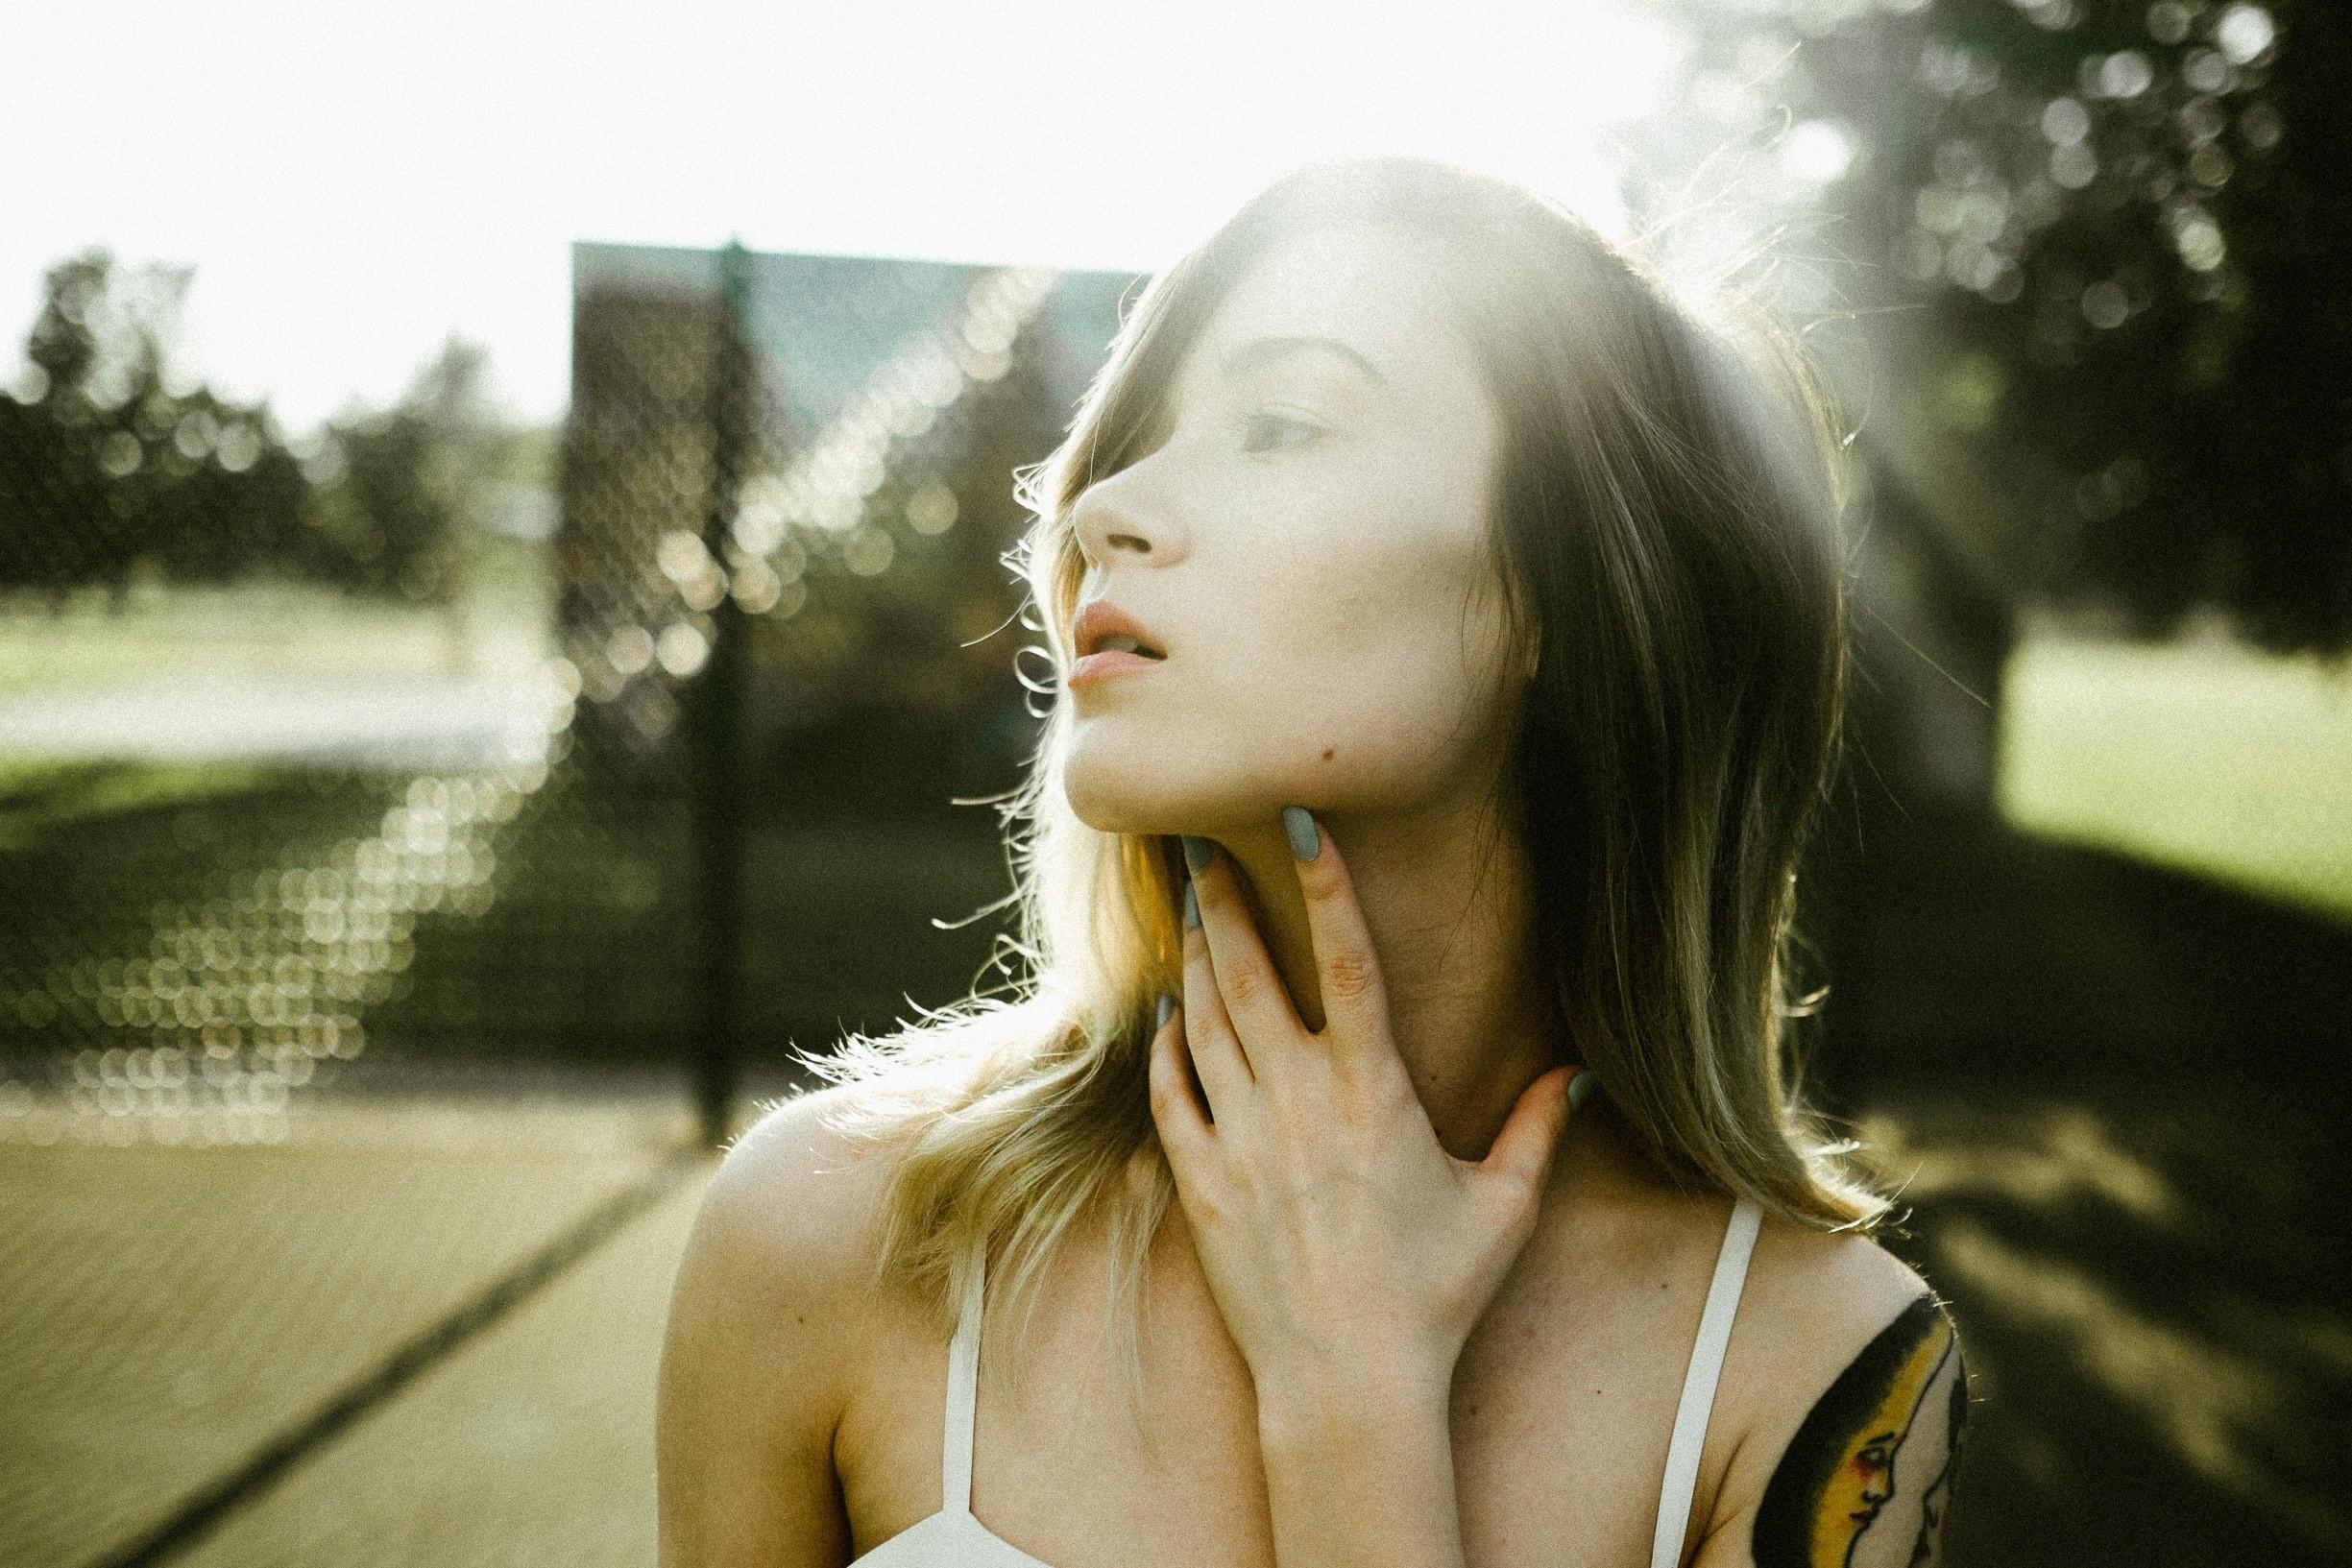 Как убрать «кольца Венеры»? 4 метода омоложения зоны шеи